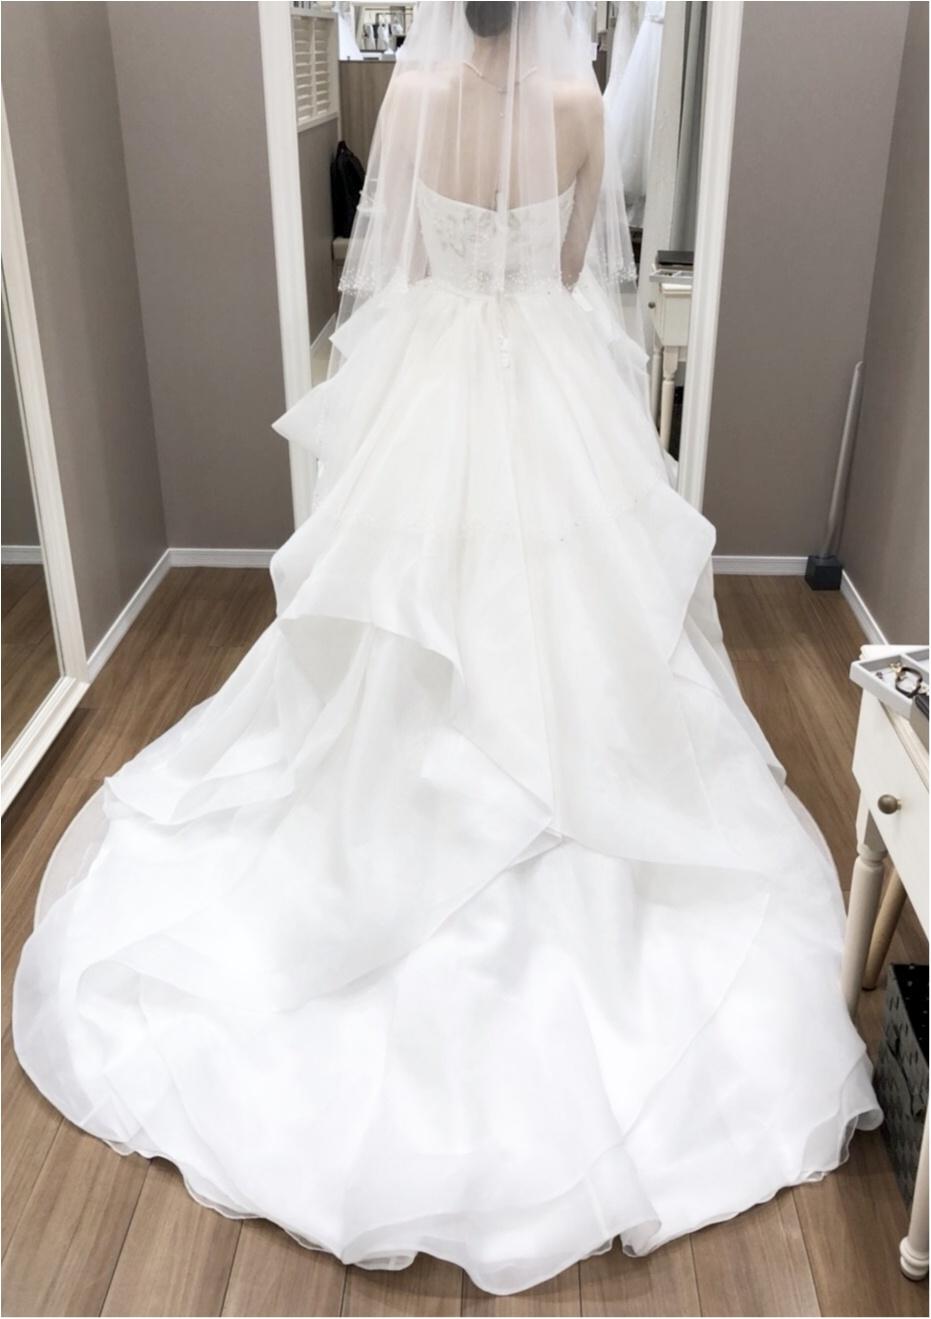 卒花さんに聞く【ドレス特集】-  結婚式・二次会におすすめ! プレ花嫁さんに人気のおしゃれなウェディングドレスは?_43